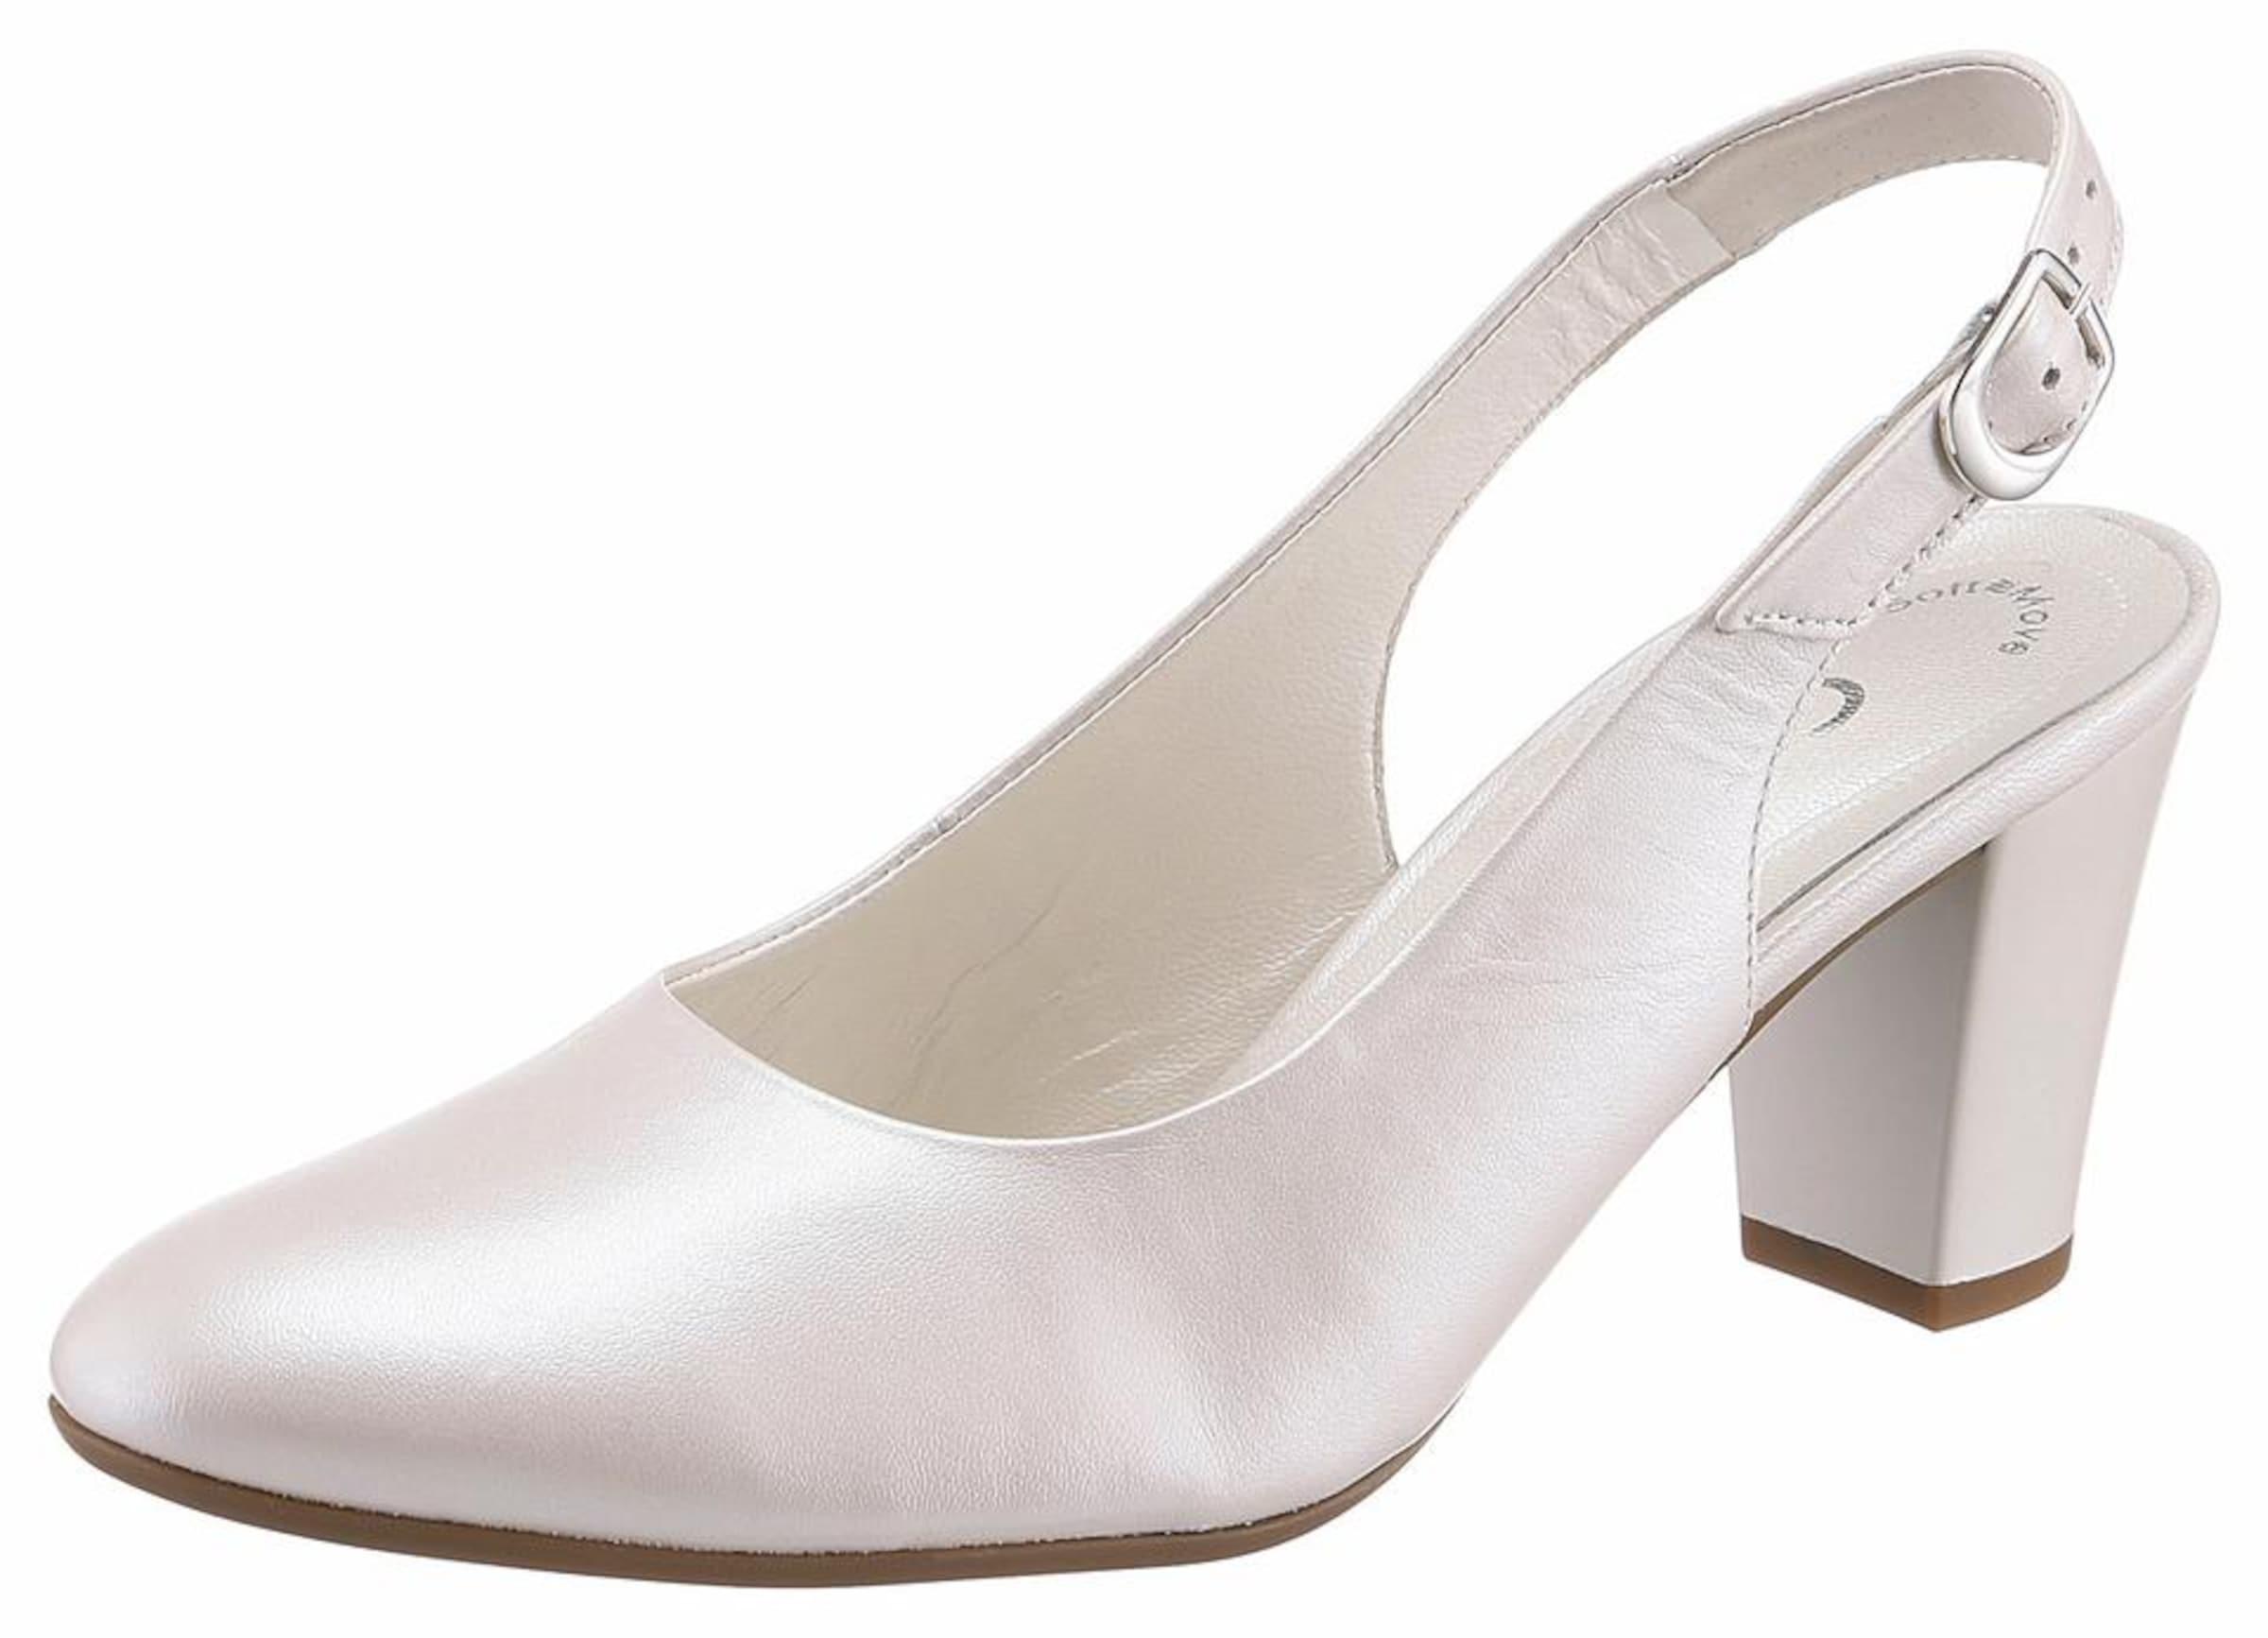 GABOR Slingpumps Verschleißfeste billige Schuhe Hohe Qualität